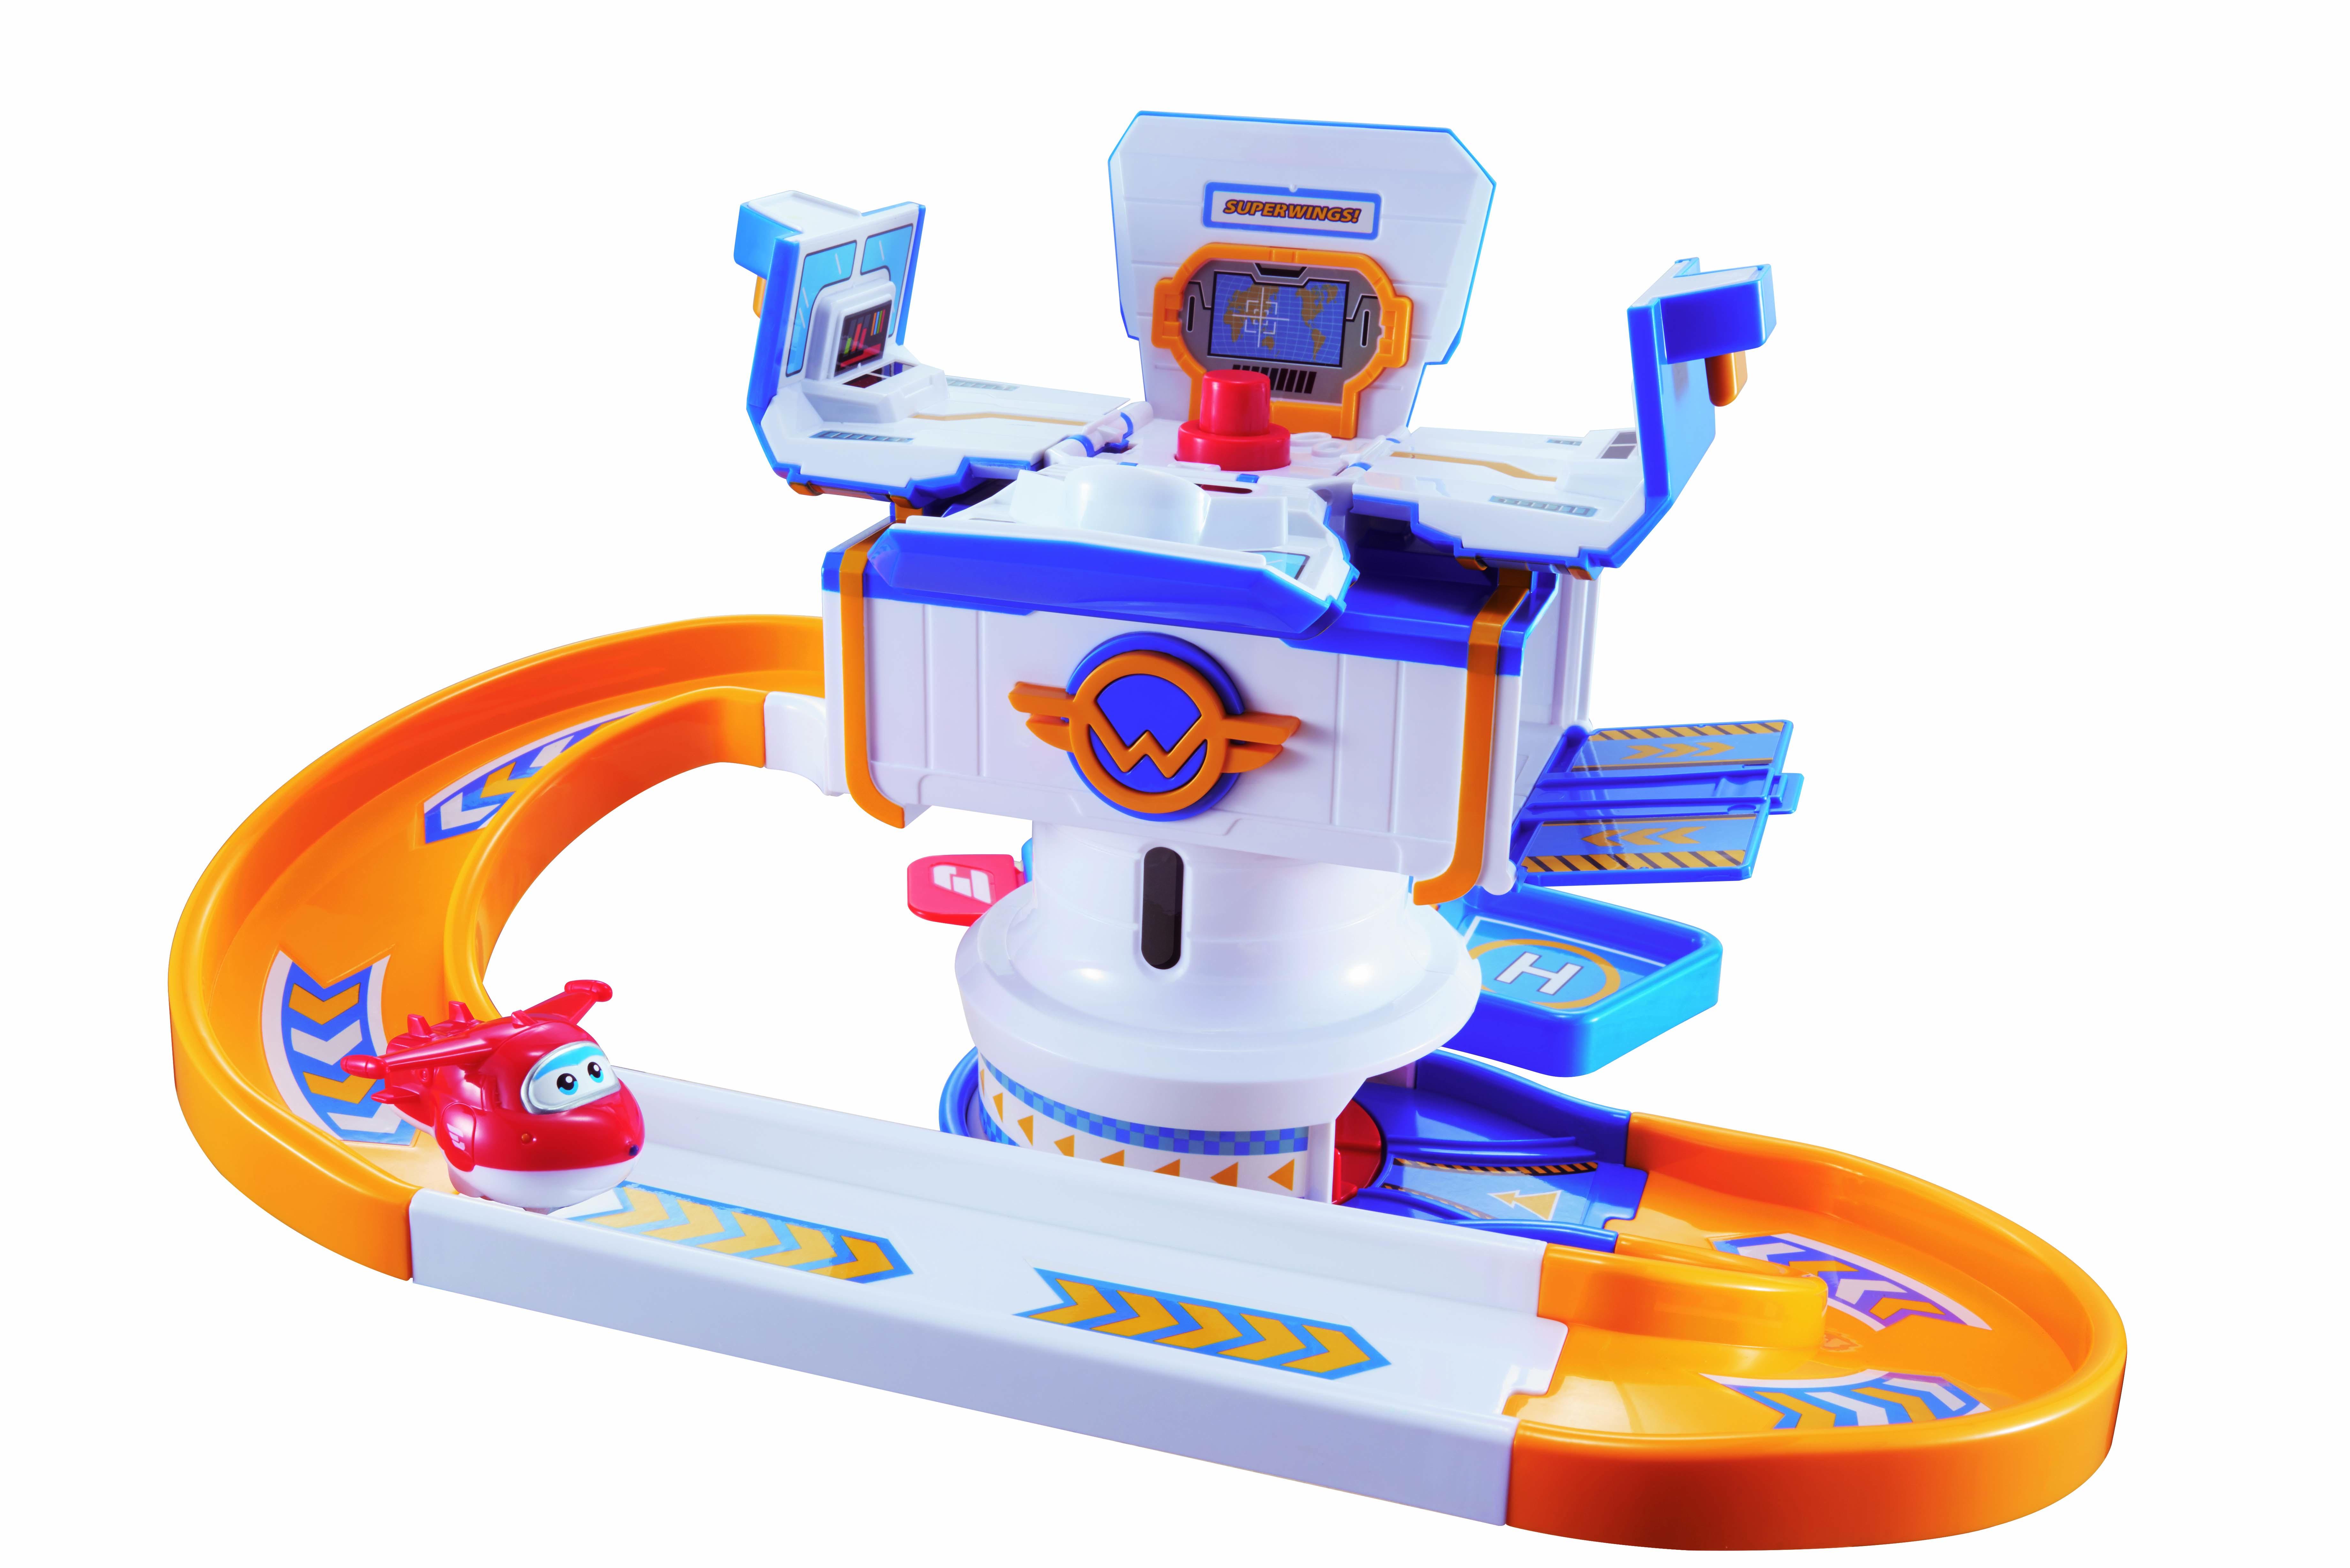 Игровой набор Супер Крылья - АэропортИгровой набор Аэропорт из серии Супер Крылья создан по мотивам одноименного обучающего мультипликационного сериала. Набор детально копирует внешний вид терминала, изображенного в мультфильме. Терминал многофункциональный, крыша его центральной башни раскрывается, а самолетики с него можно запускать в различных направлениях двумя способами.В состав игрового набора входят терминал и две фигурки Джимбо и Джетта. С помощью этого набора ребенок может создавать различные сюжетные линии, основанные на сюжетах анимационного сериала Супер Крылья, а также придумывать различные новые игровые ситуации, используя собственное воображение.Все игрушки изготовлены из прочного гипоаллергенного пластика и абсолютно безопасны для ребенка. Яркий дизайн выполнен в духе красочного мультфильма, а фигурки героев являются точными копиями оригинальных прототипов.<br>